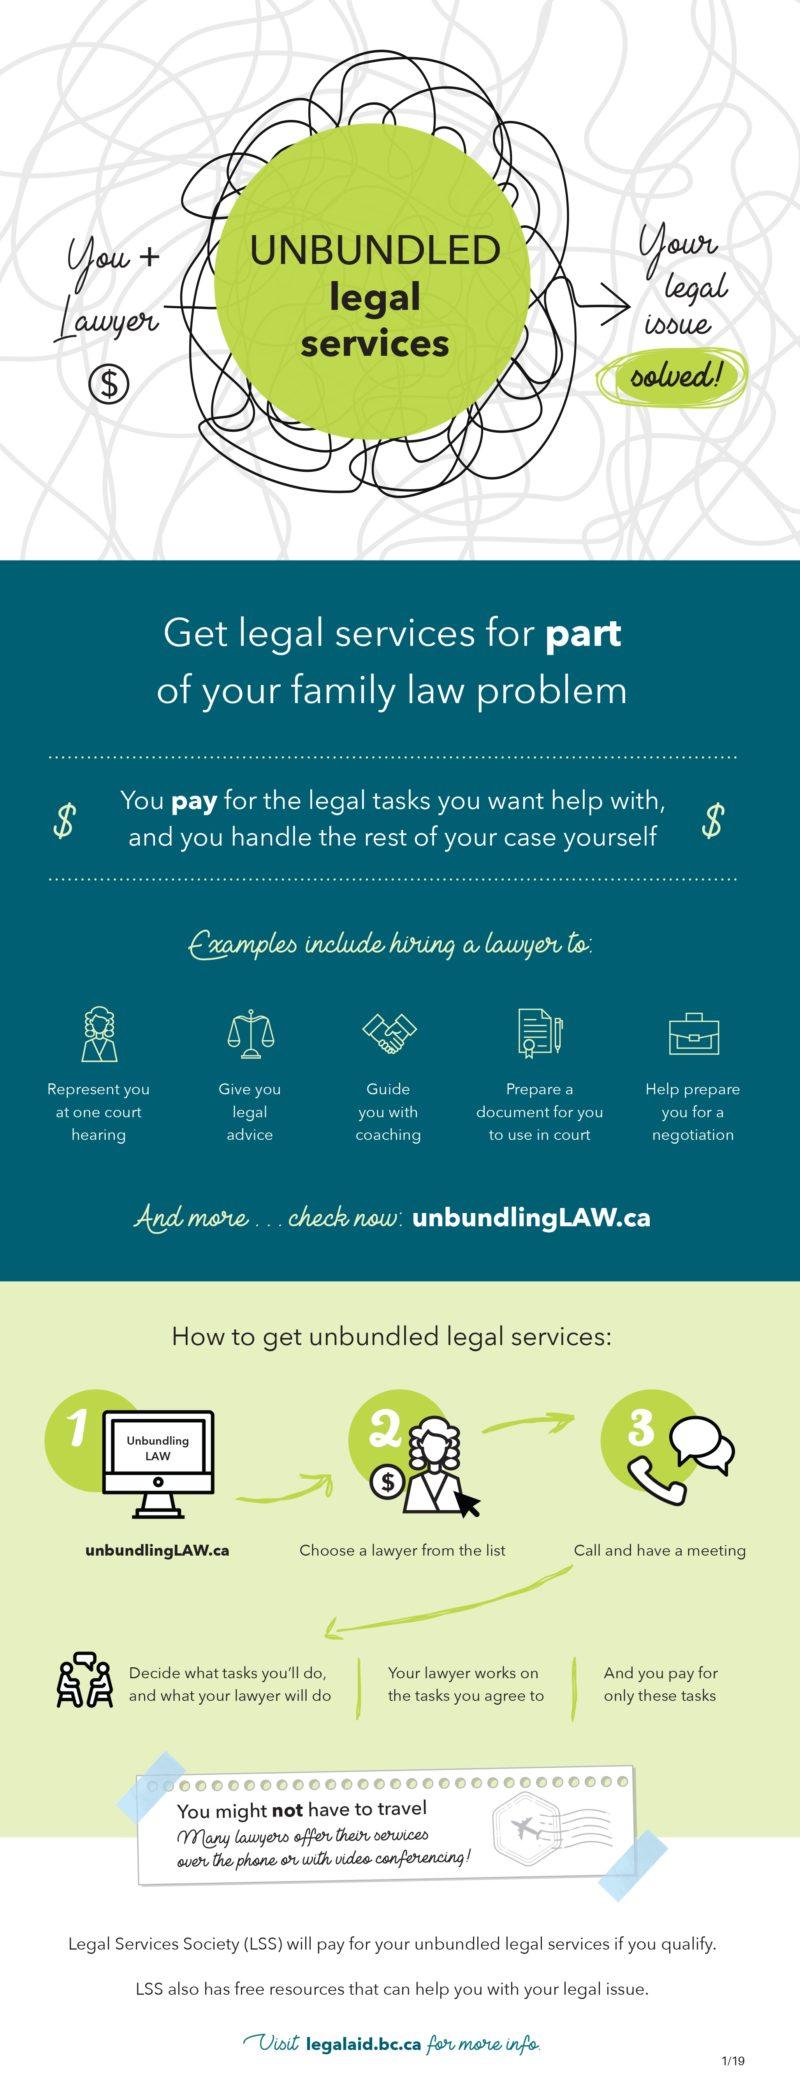 Unbundled Legal Services (Infographic)